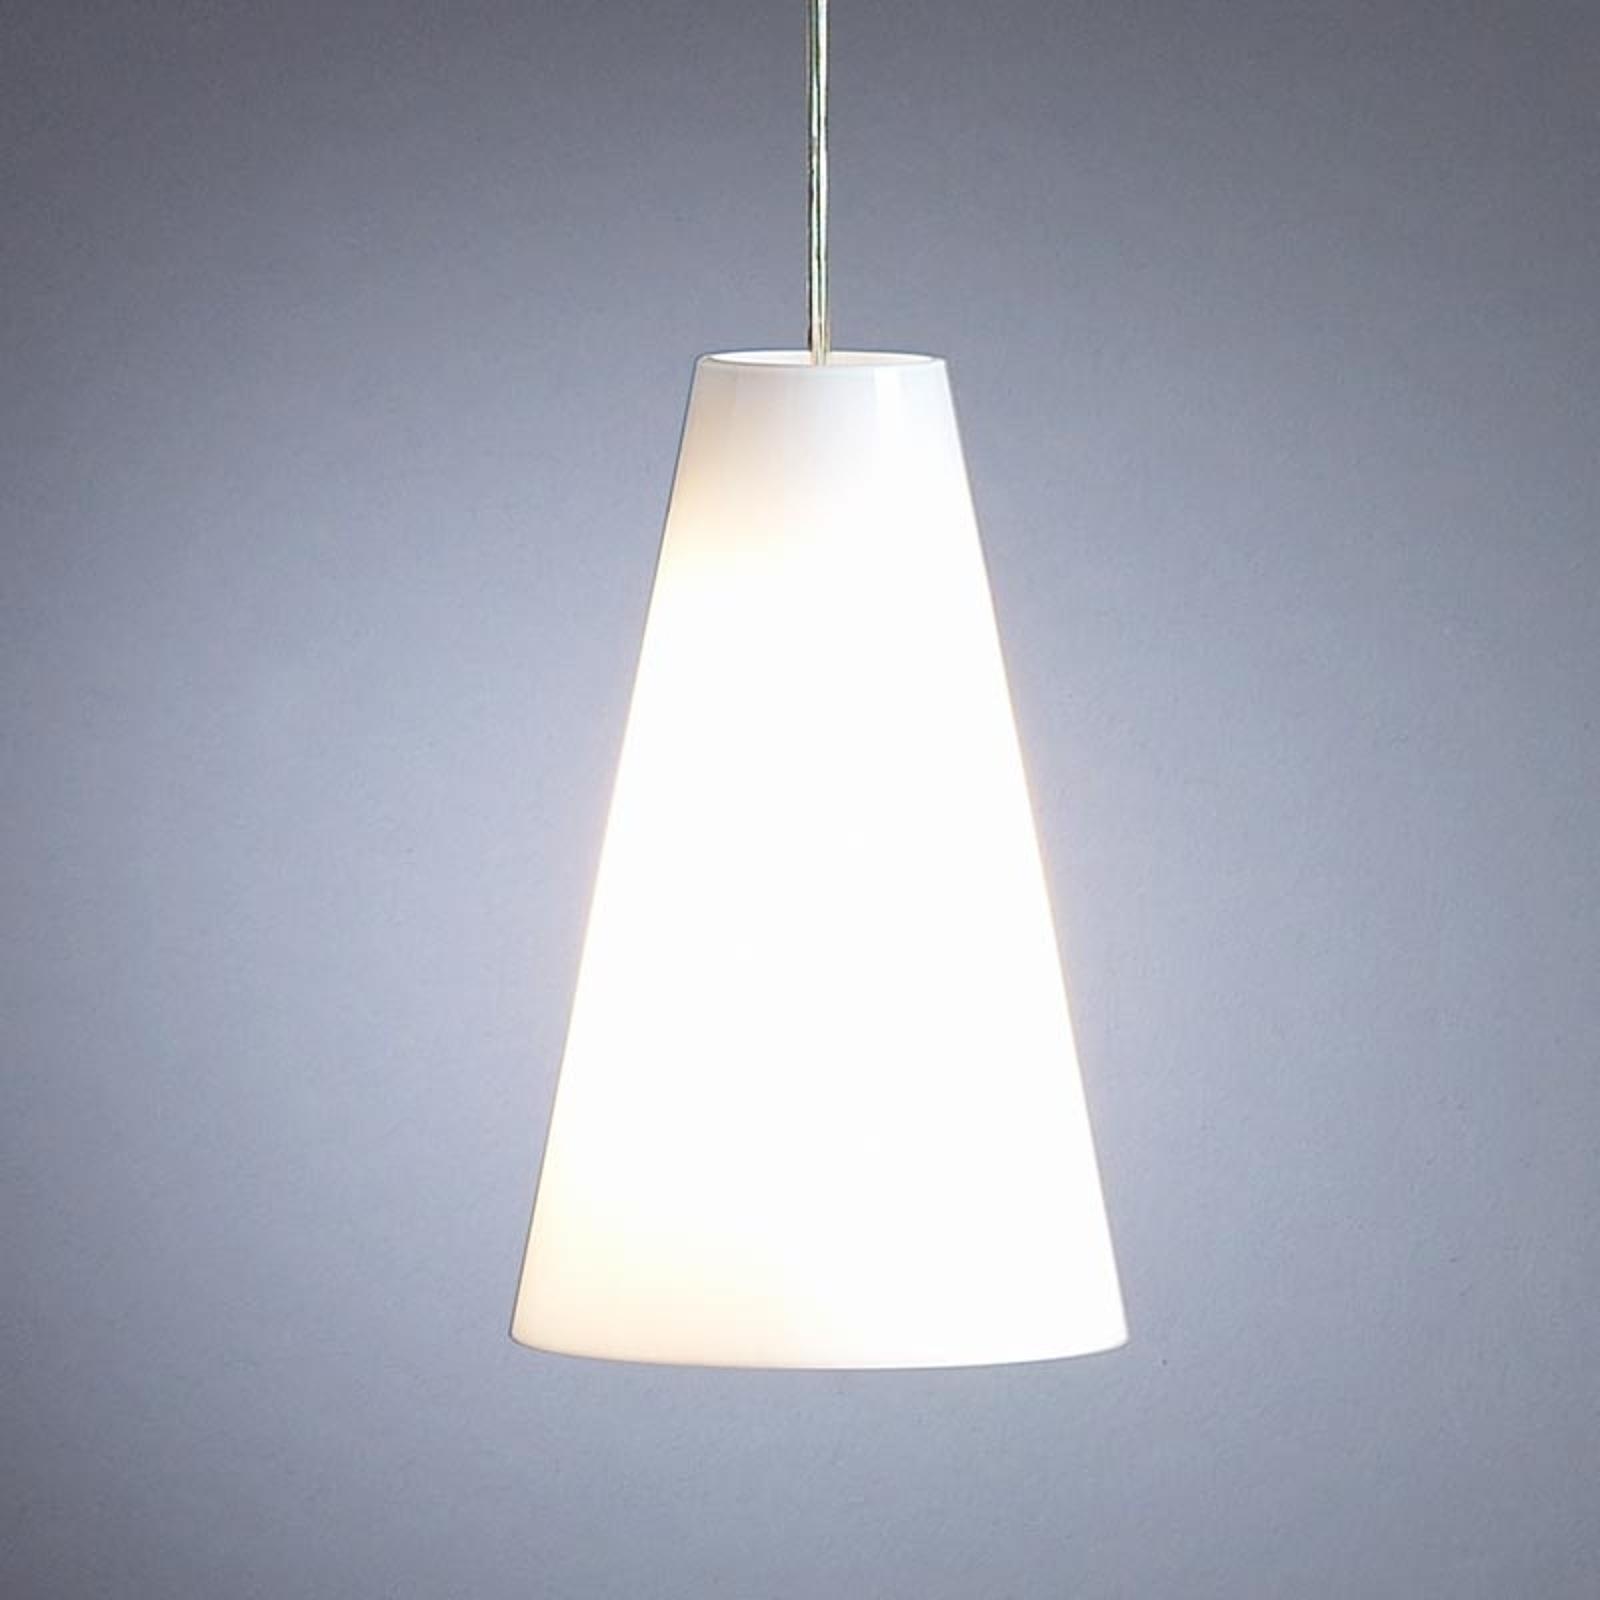 TECNOLUMEN HLWS03 Hängeleuchte opal